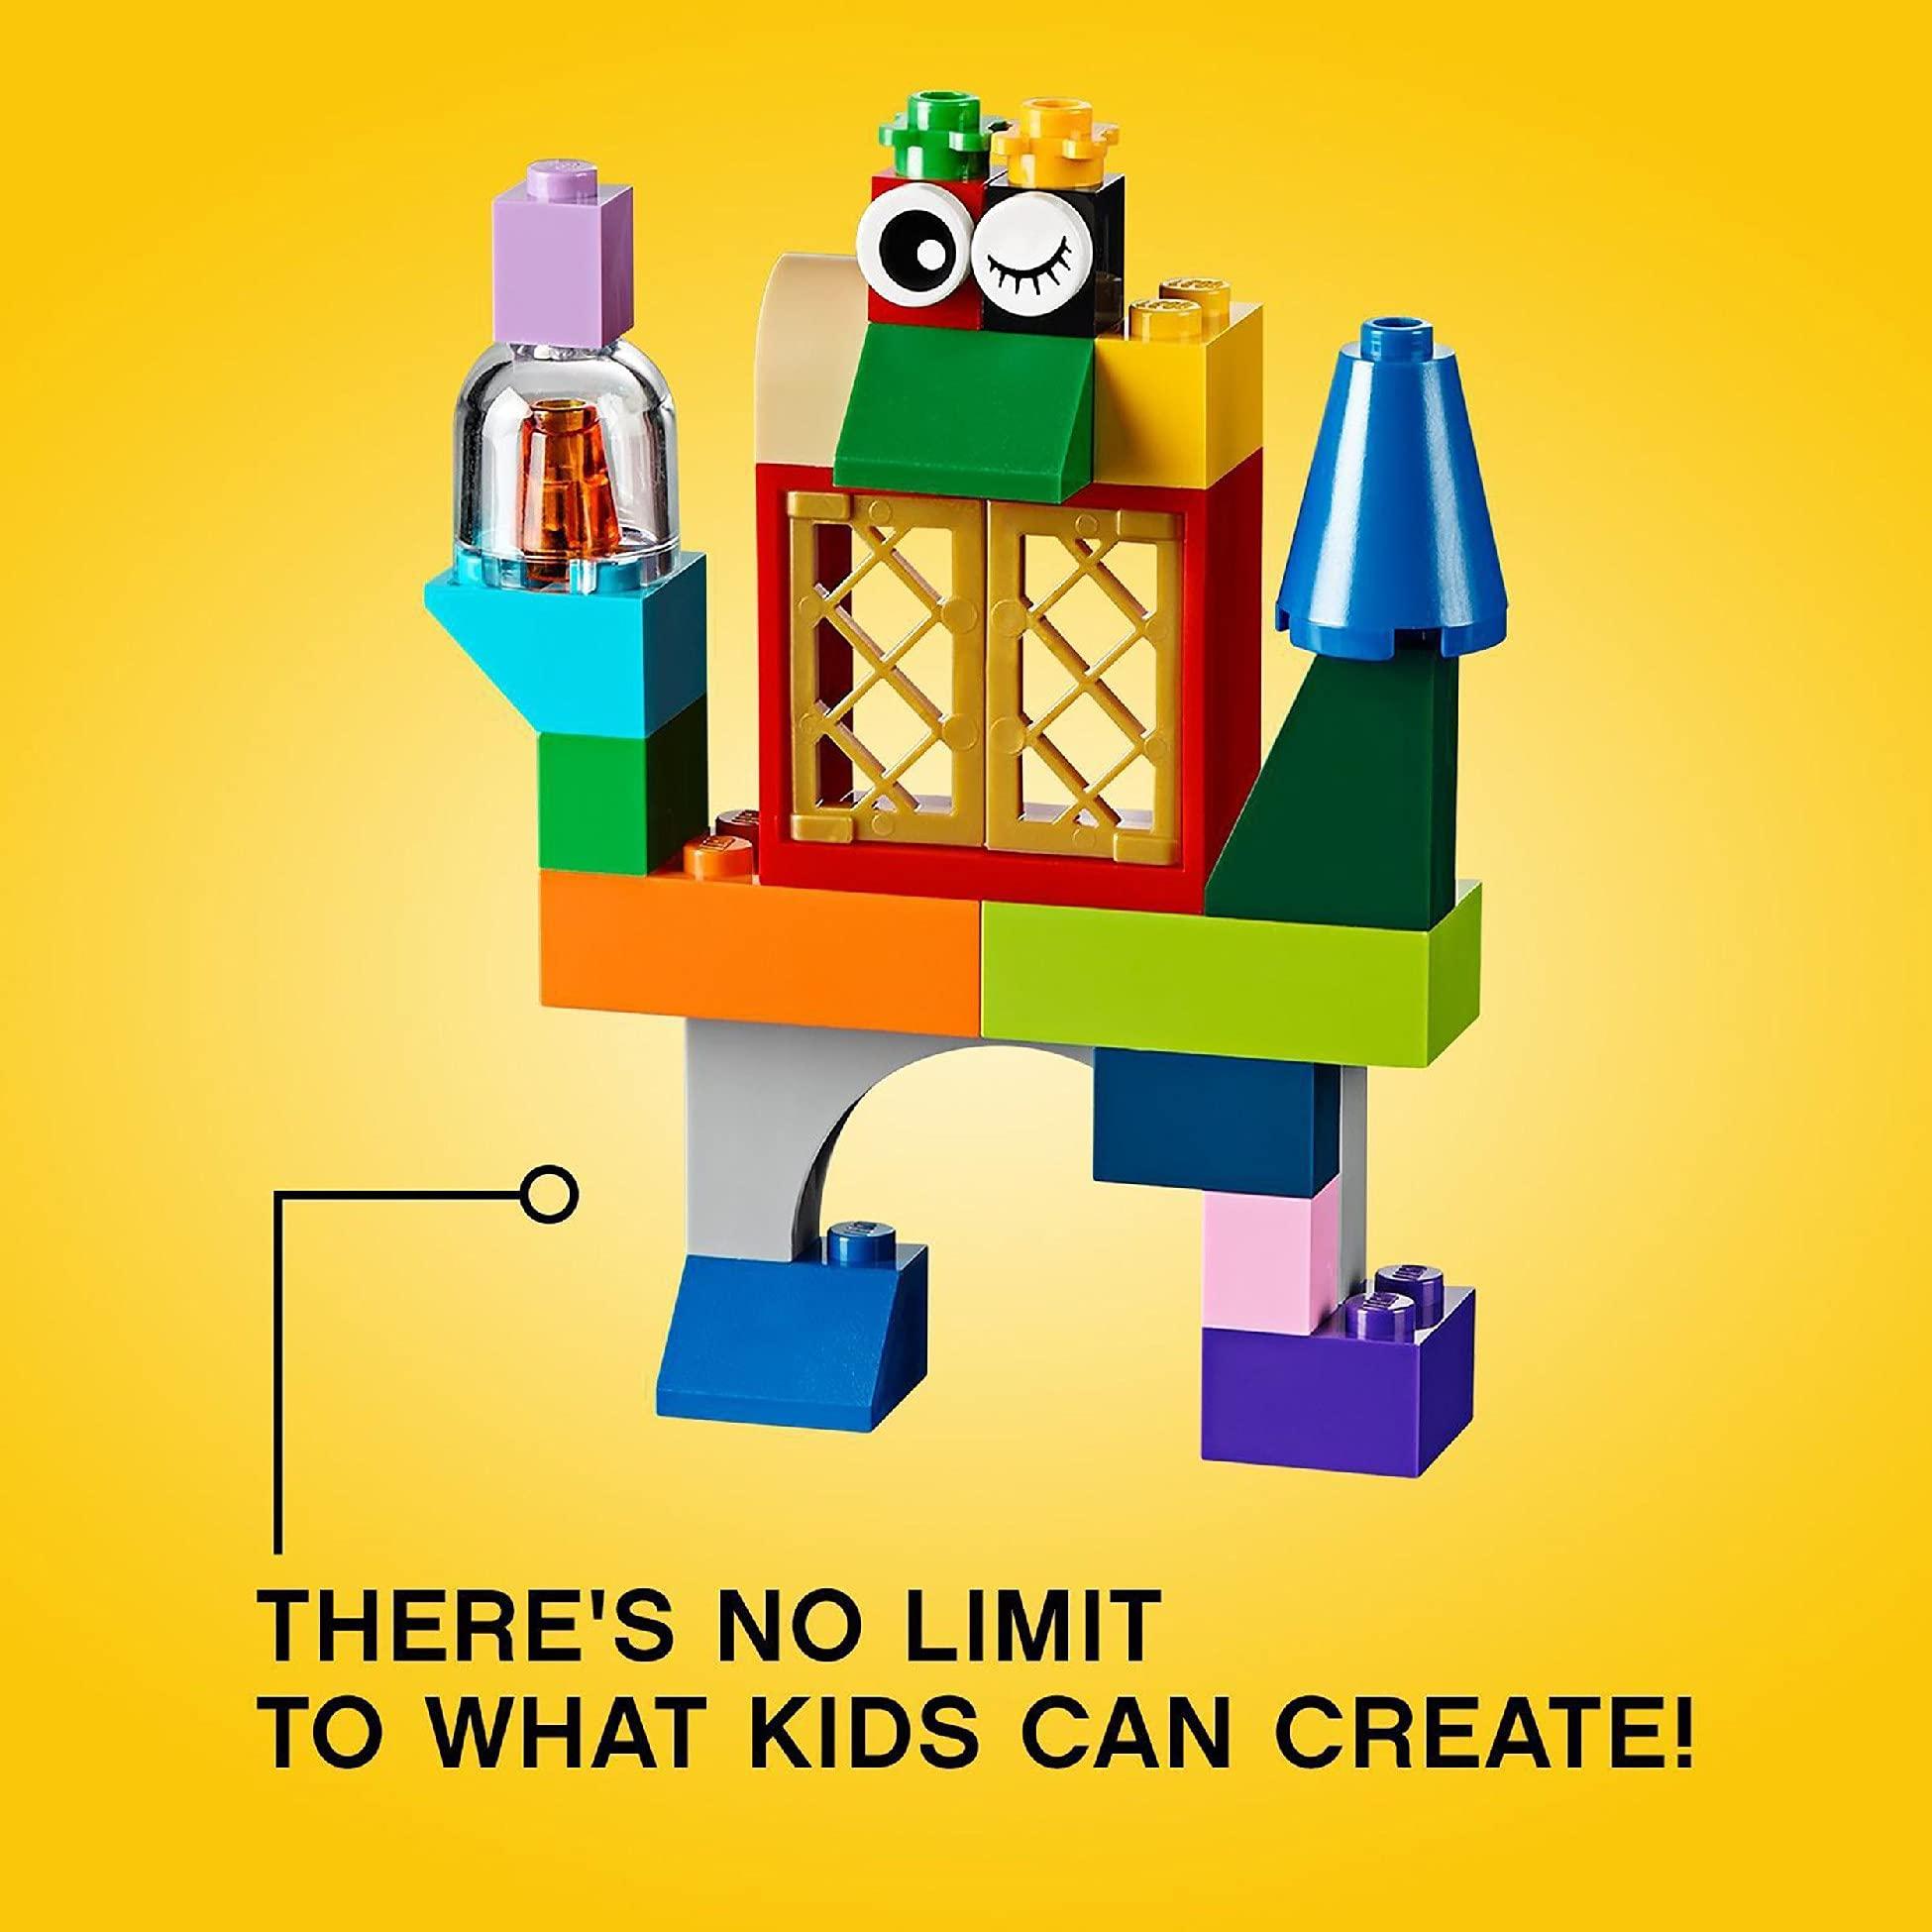 LEGO10698ClassicLargeCreativeBrickBoxConstructionSet,ToyStorage,FunColourfulToyBricksforLEGOMasters